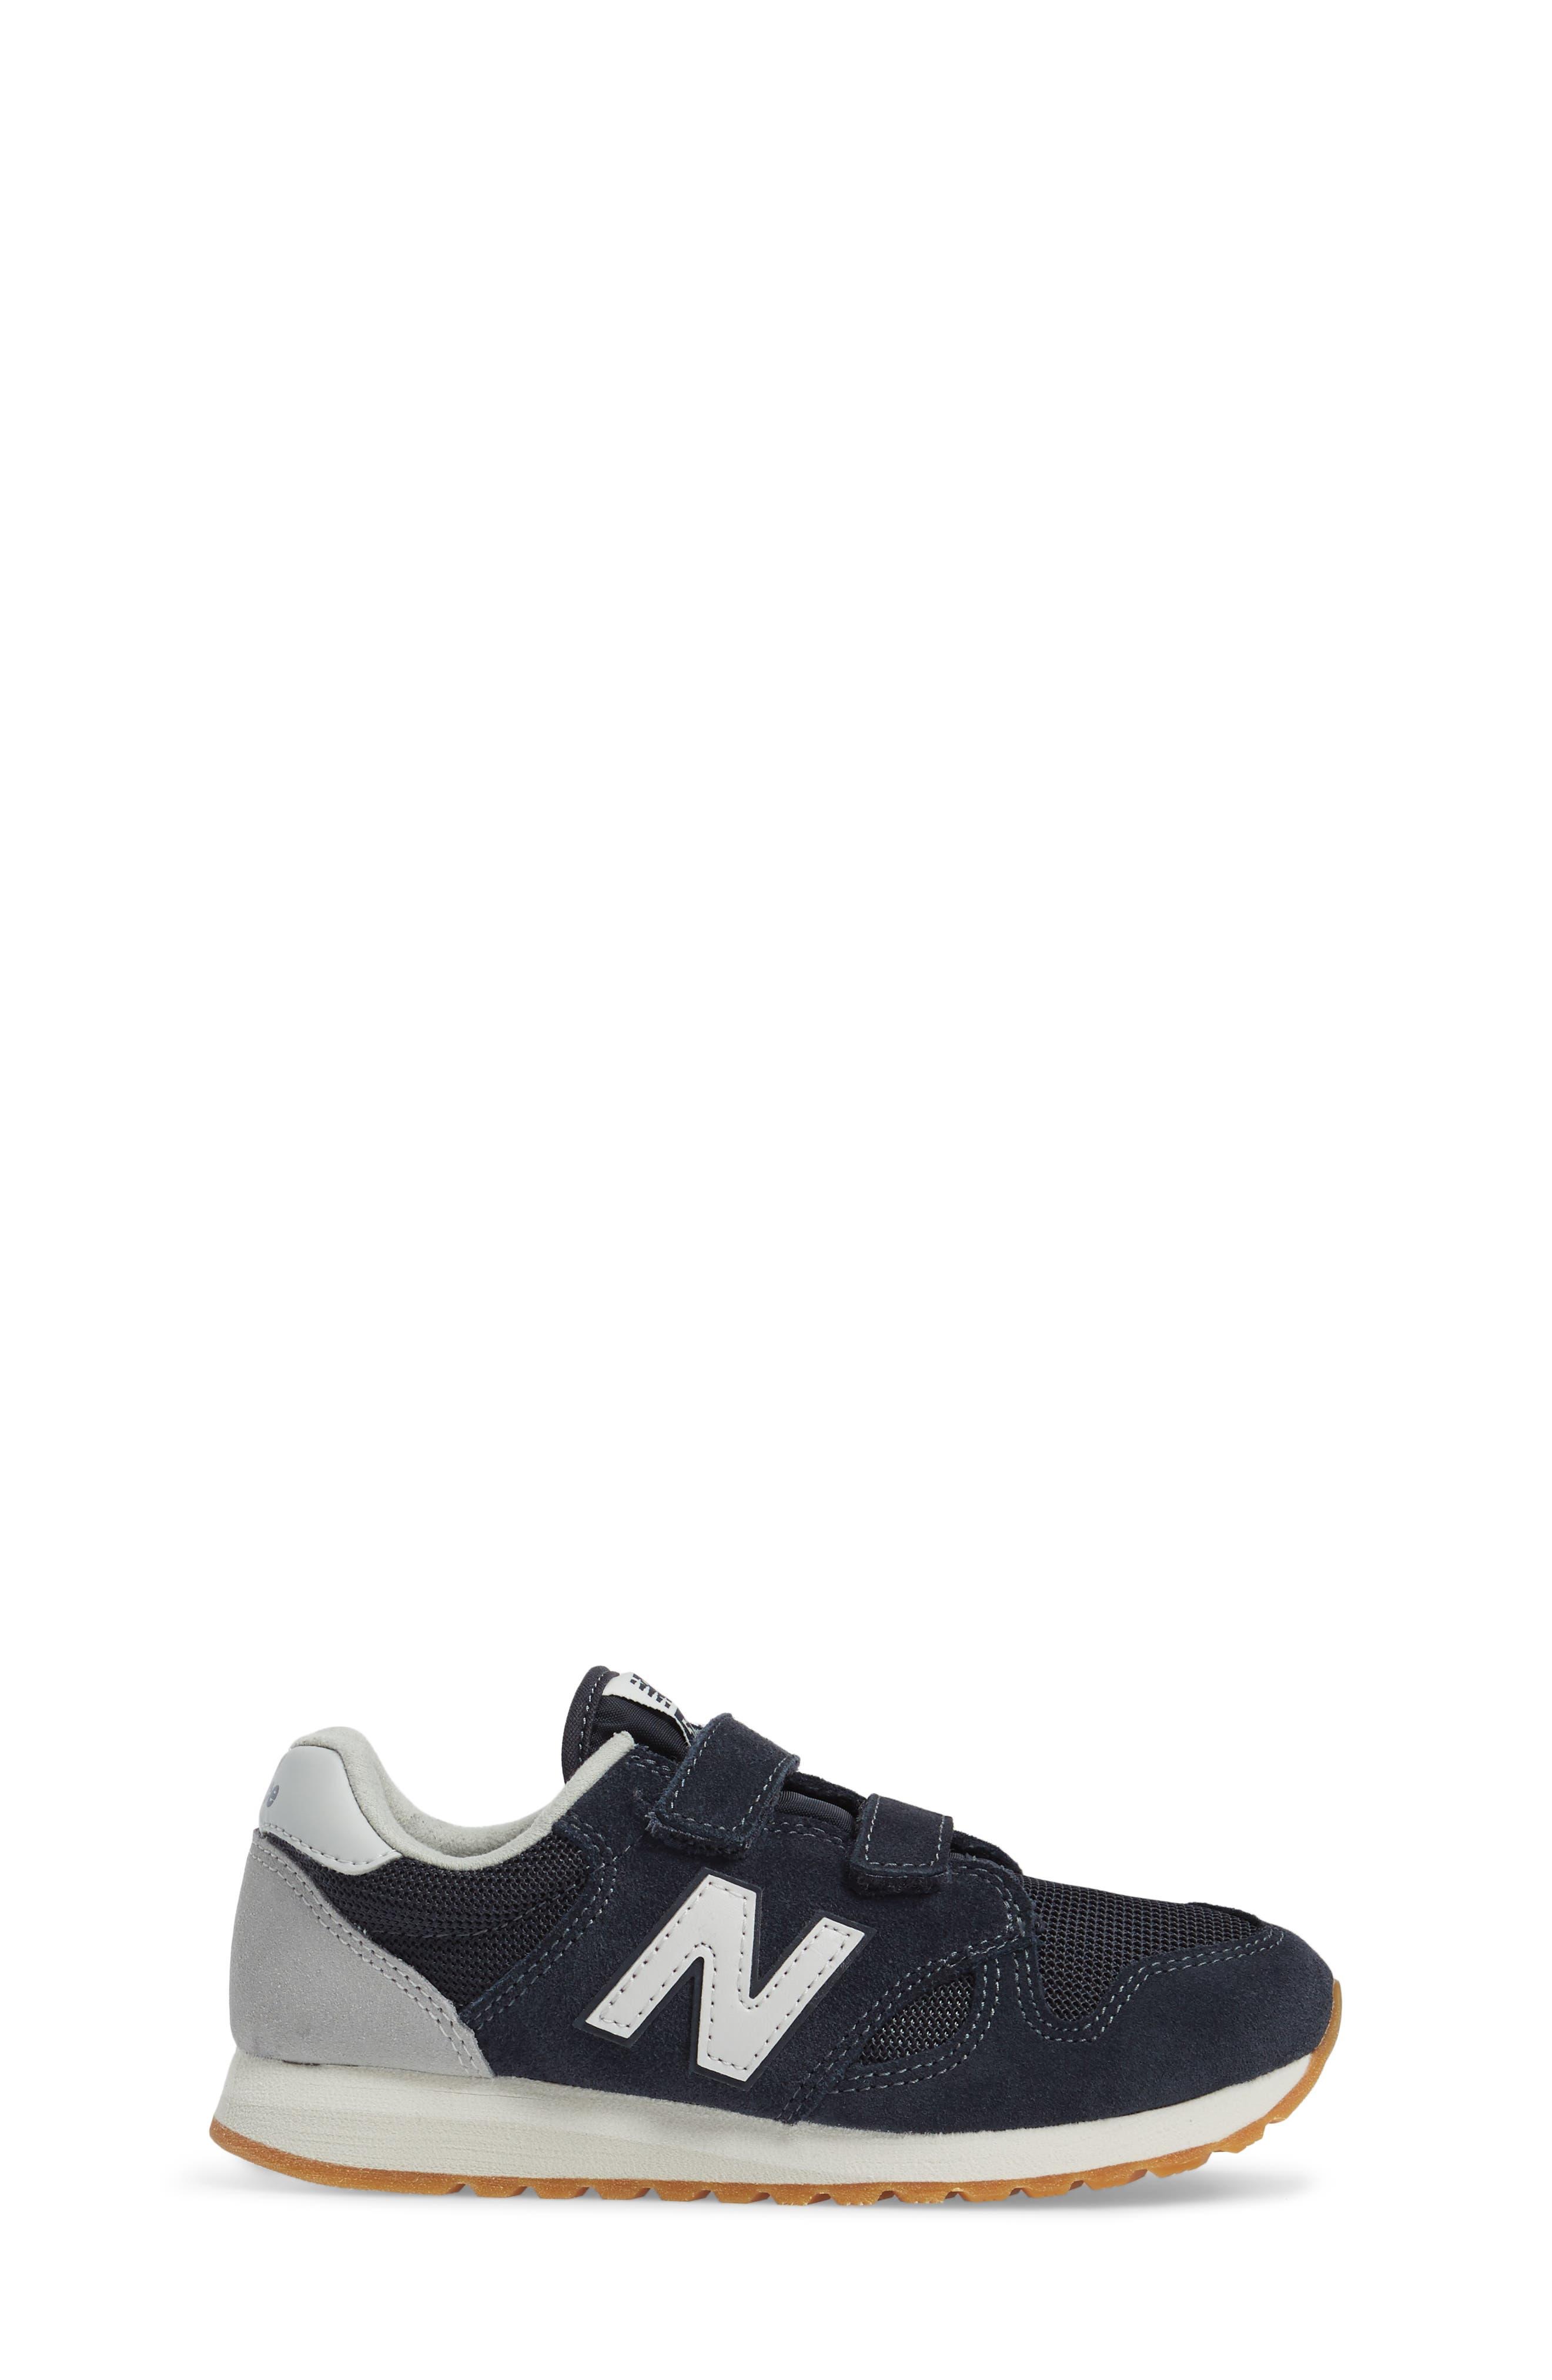 Alternate Image 3  - New Balance 520 Sneaker (Baby, Walker, Toddler & Little Kid)